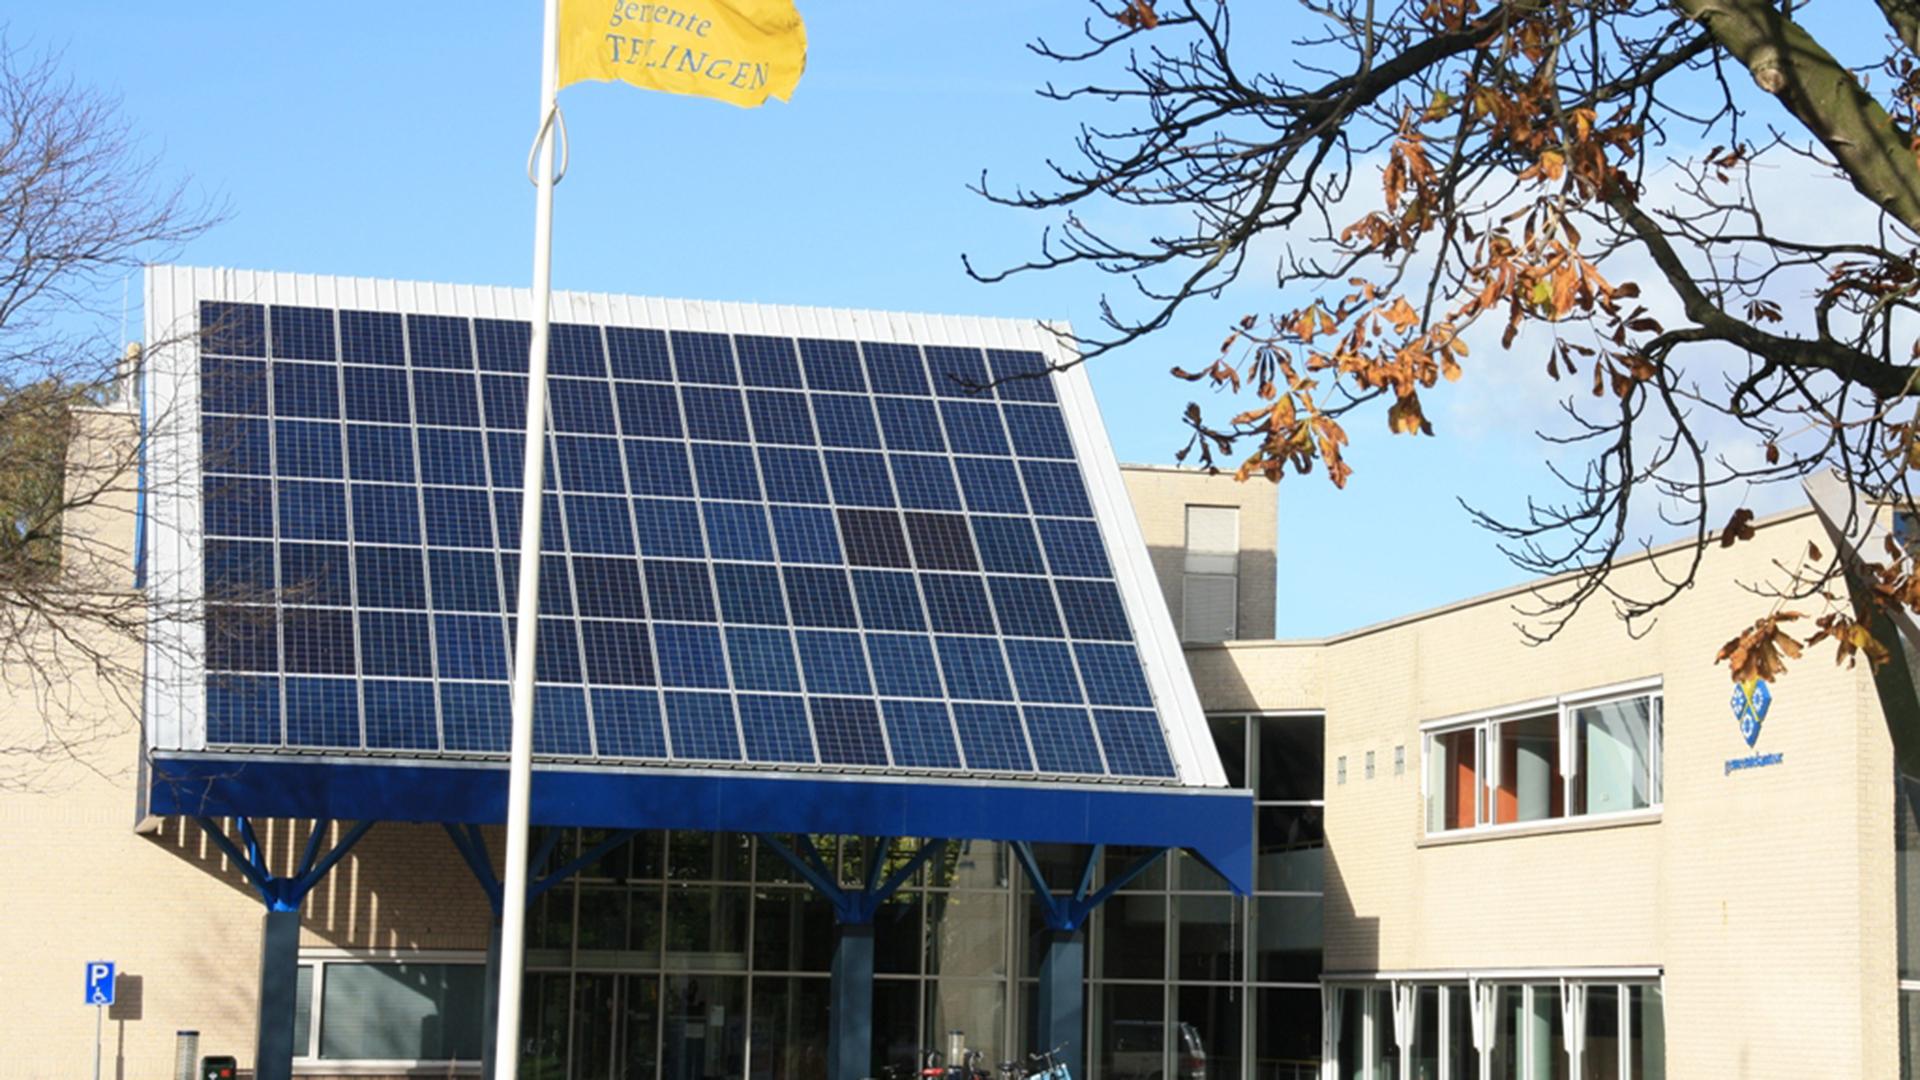 PV panelen voor Gemeente Teylingen